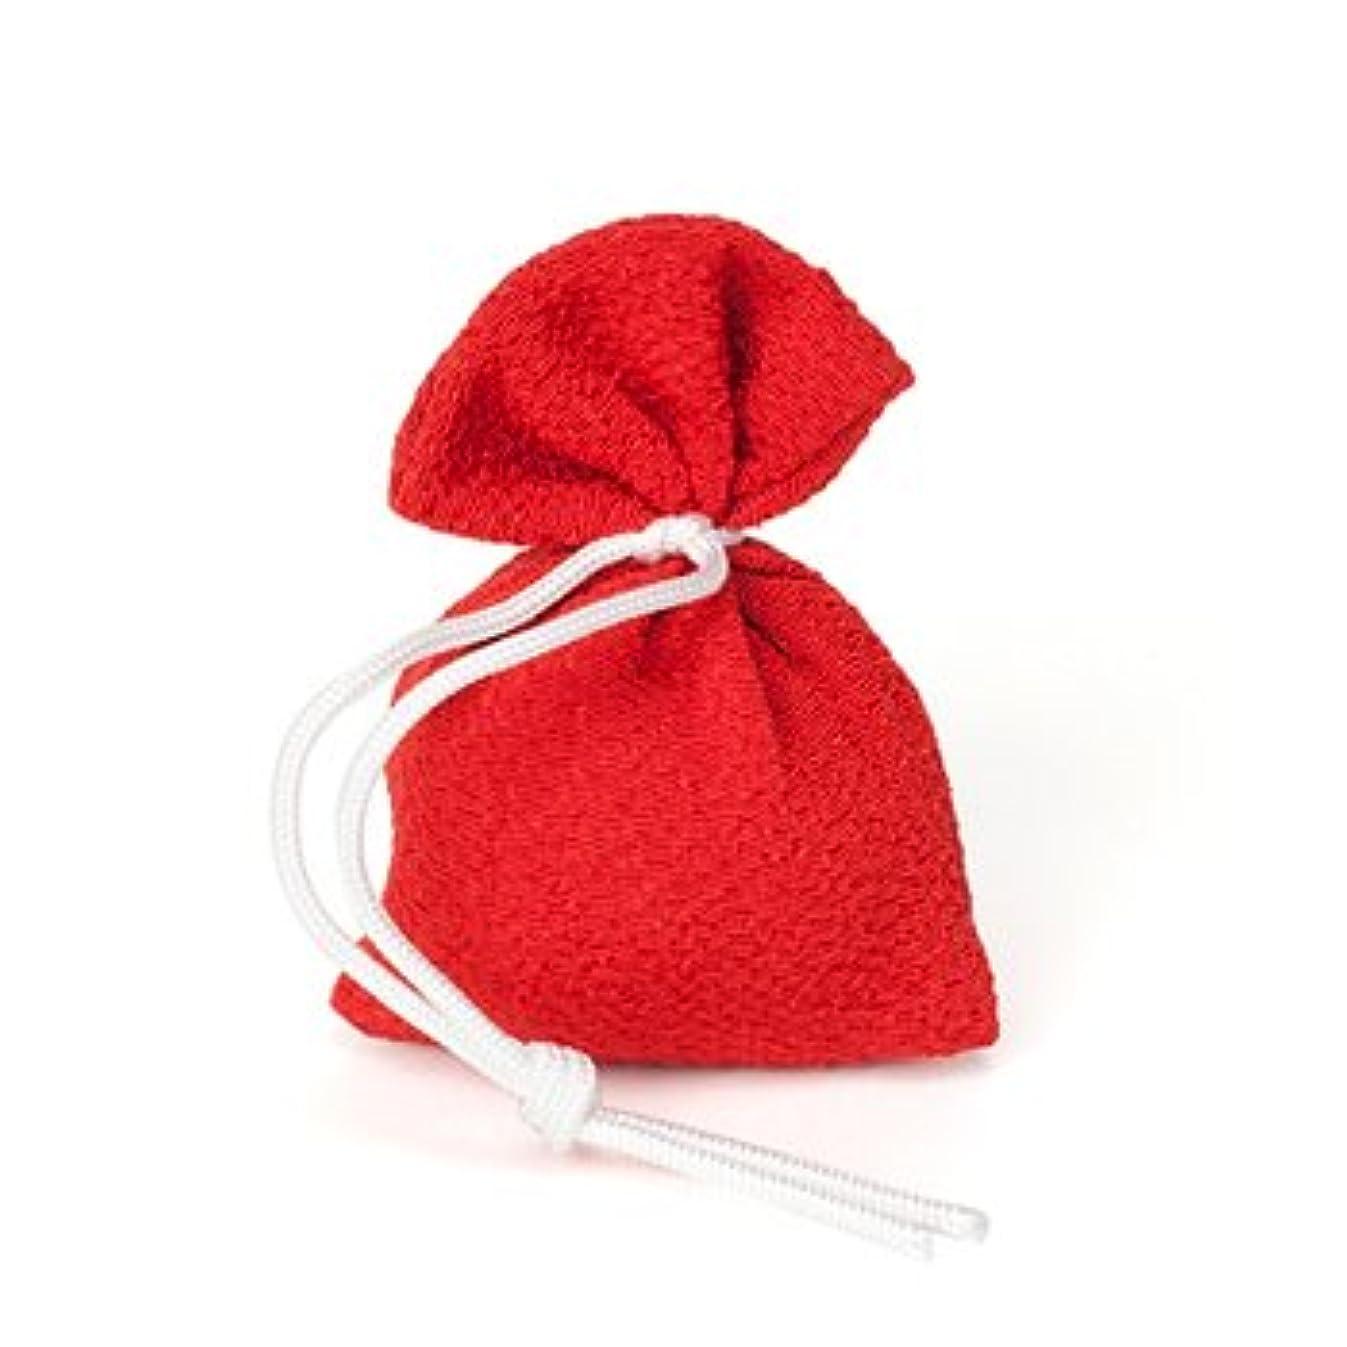 大事にするクレジットジャンプ松栄堂 匂い袋 誰が袖 上品(無地) 1個入 (色をお選びください) (赤)